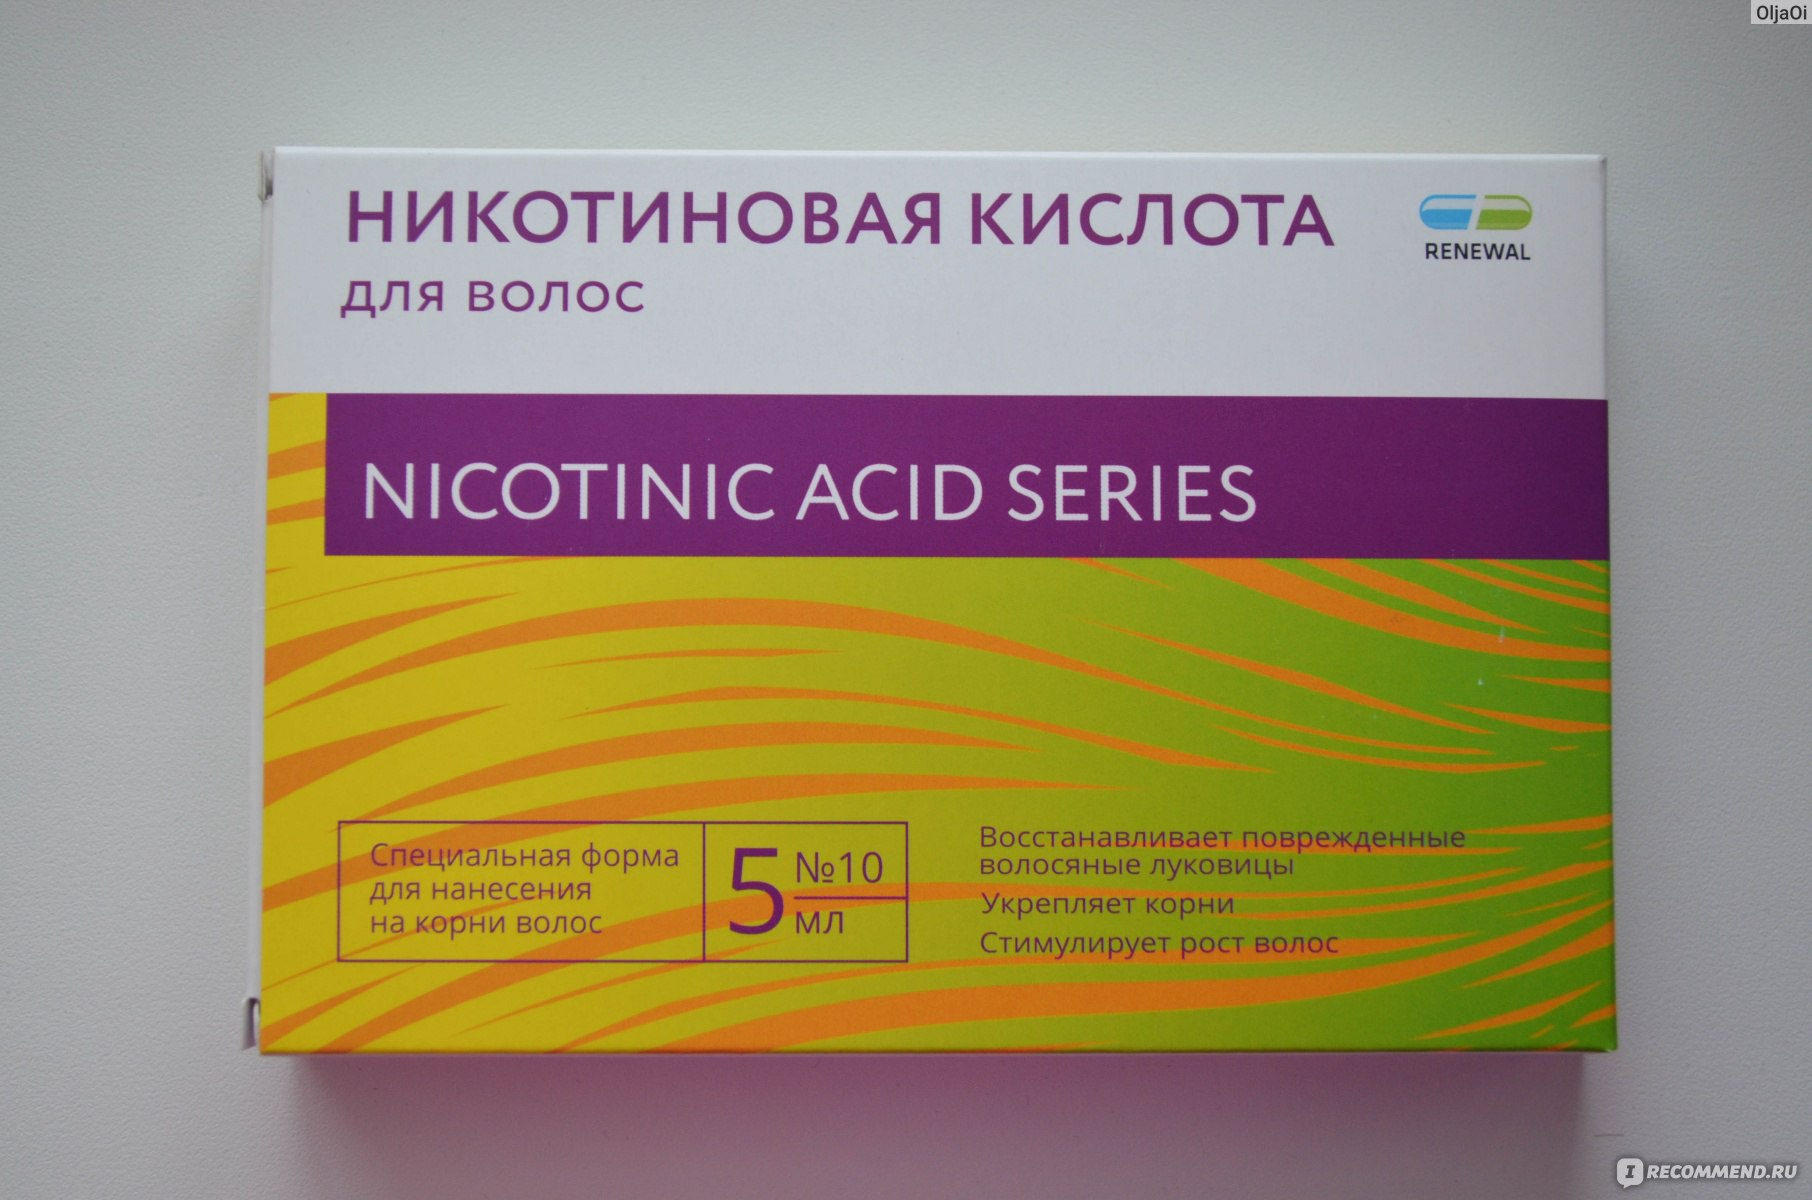 Никотиновая кислота для волос применение - 9 способов и рецептов